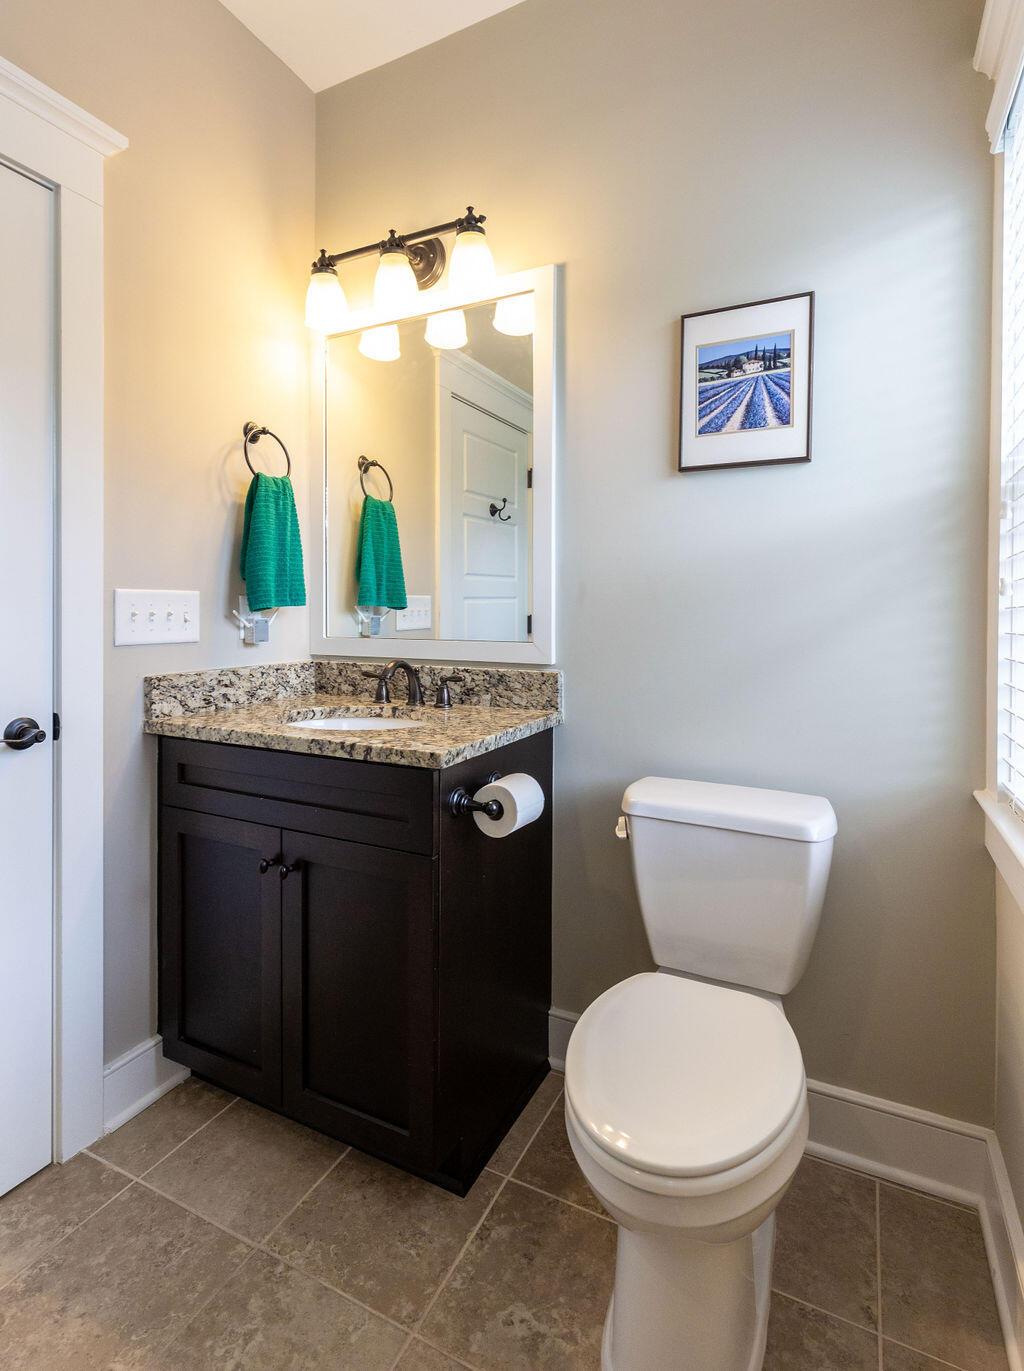 Dunes West Homes For Sale - 2705 Fountainhead, Mount Pleasant, SC - 48